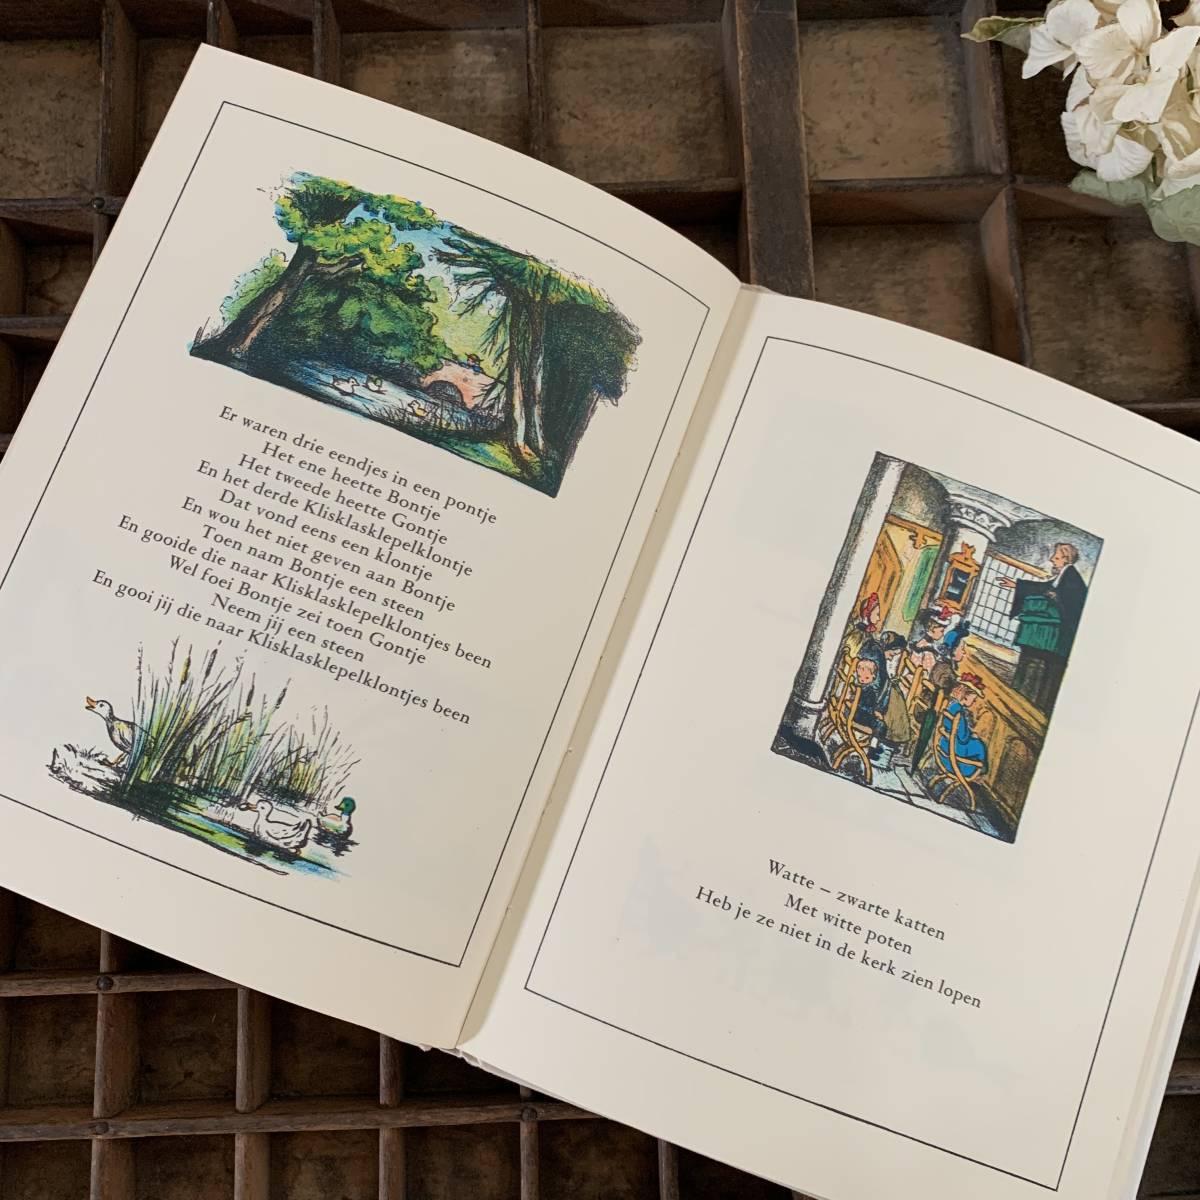 オランダ蚤の市 影絵の本 1979年 ヴィンテージ インテリア シャビー シルエット 絵本 洋書 雑貨 ディスプレイ_画像7